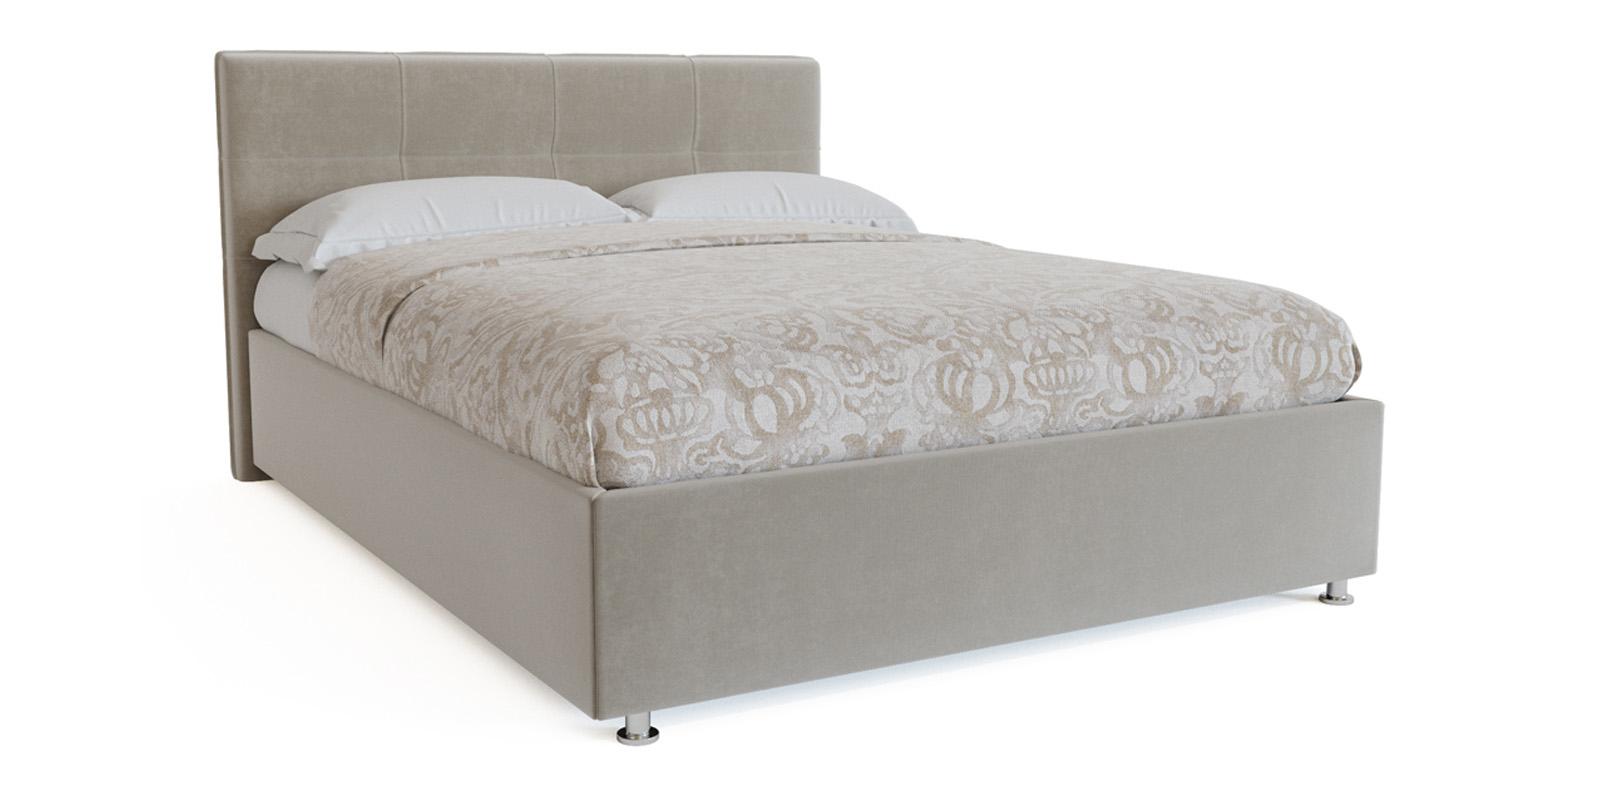 Купить Мягкая кровать 200х160 Неаполь с ортопедическим основанием (Светло-серый), HomeMe